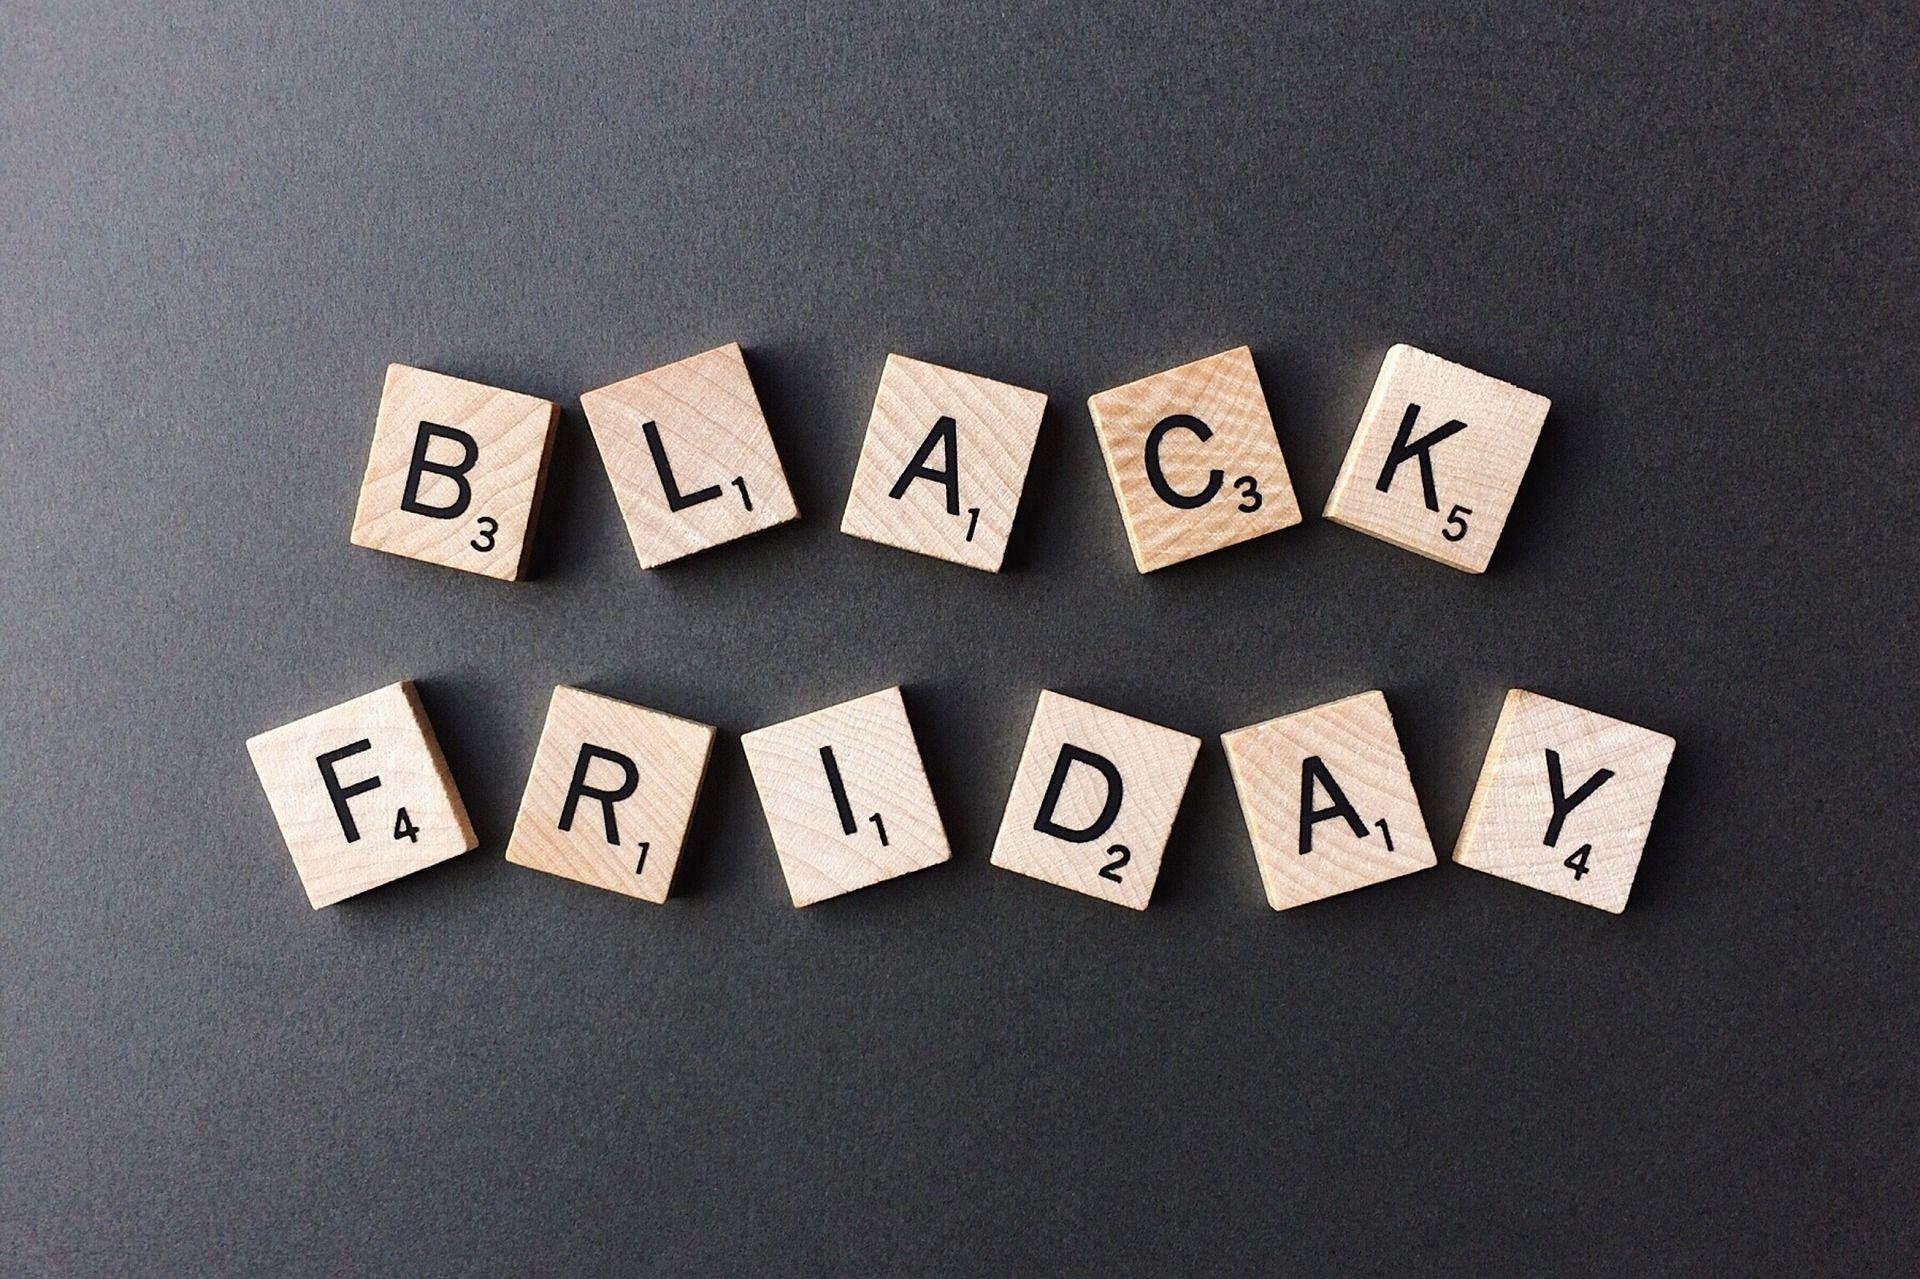 Applicazioni indispensabili per questo Black Friday 2017